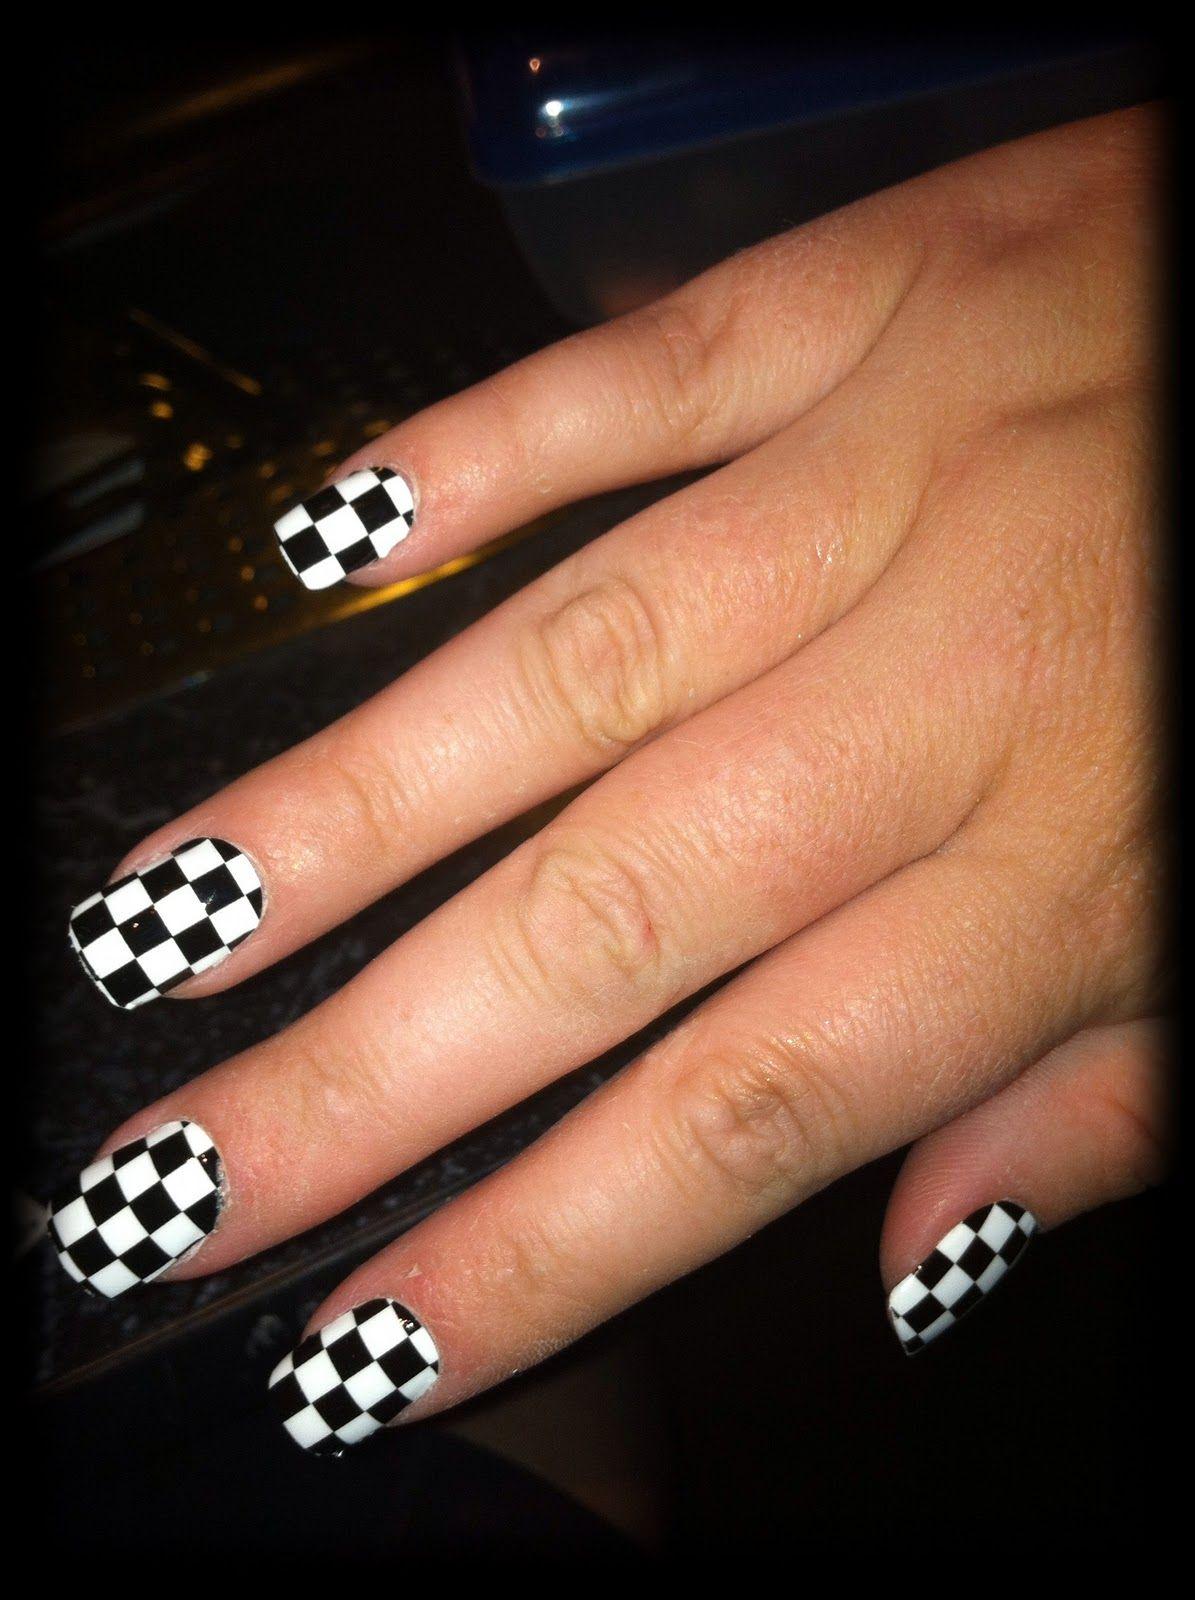 Black White Checkers Racing Nails Checkered Nails Nail Polish